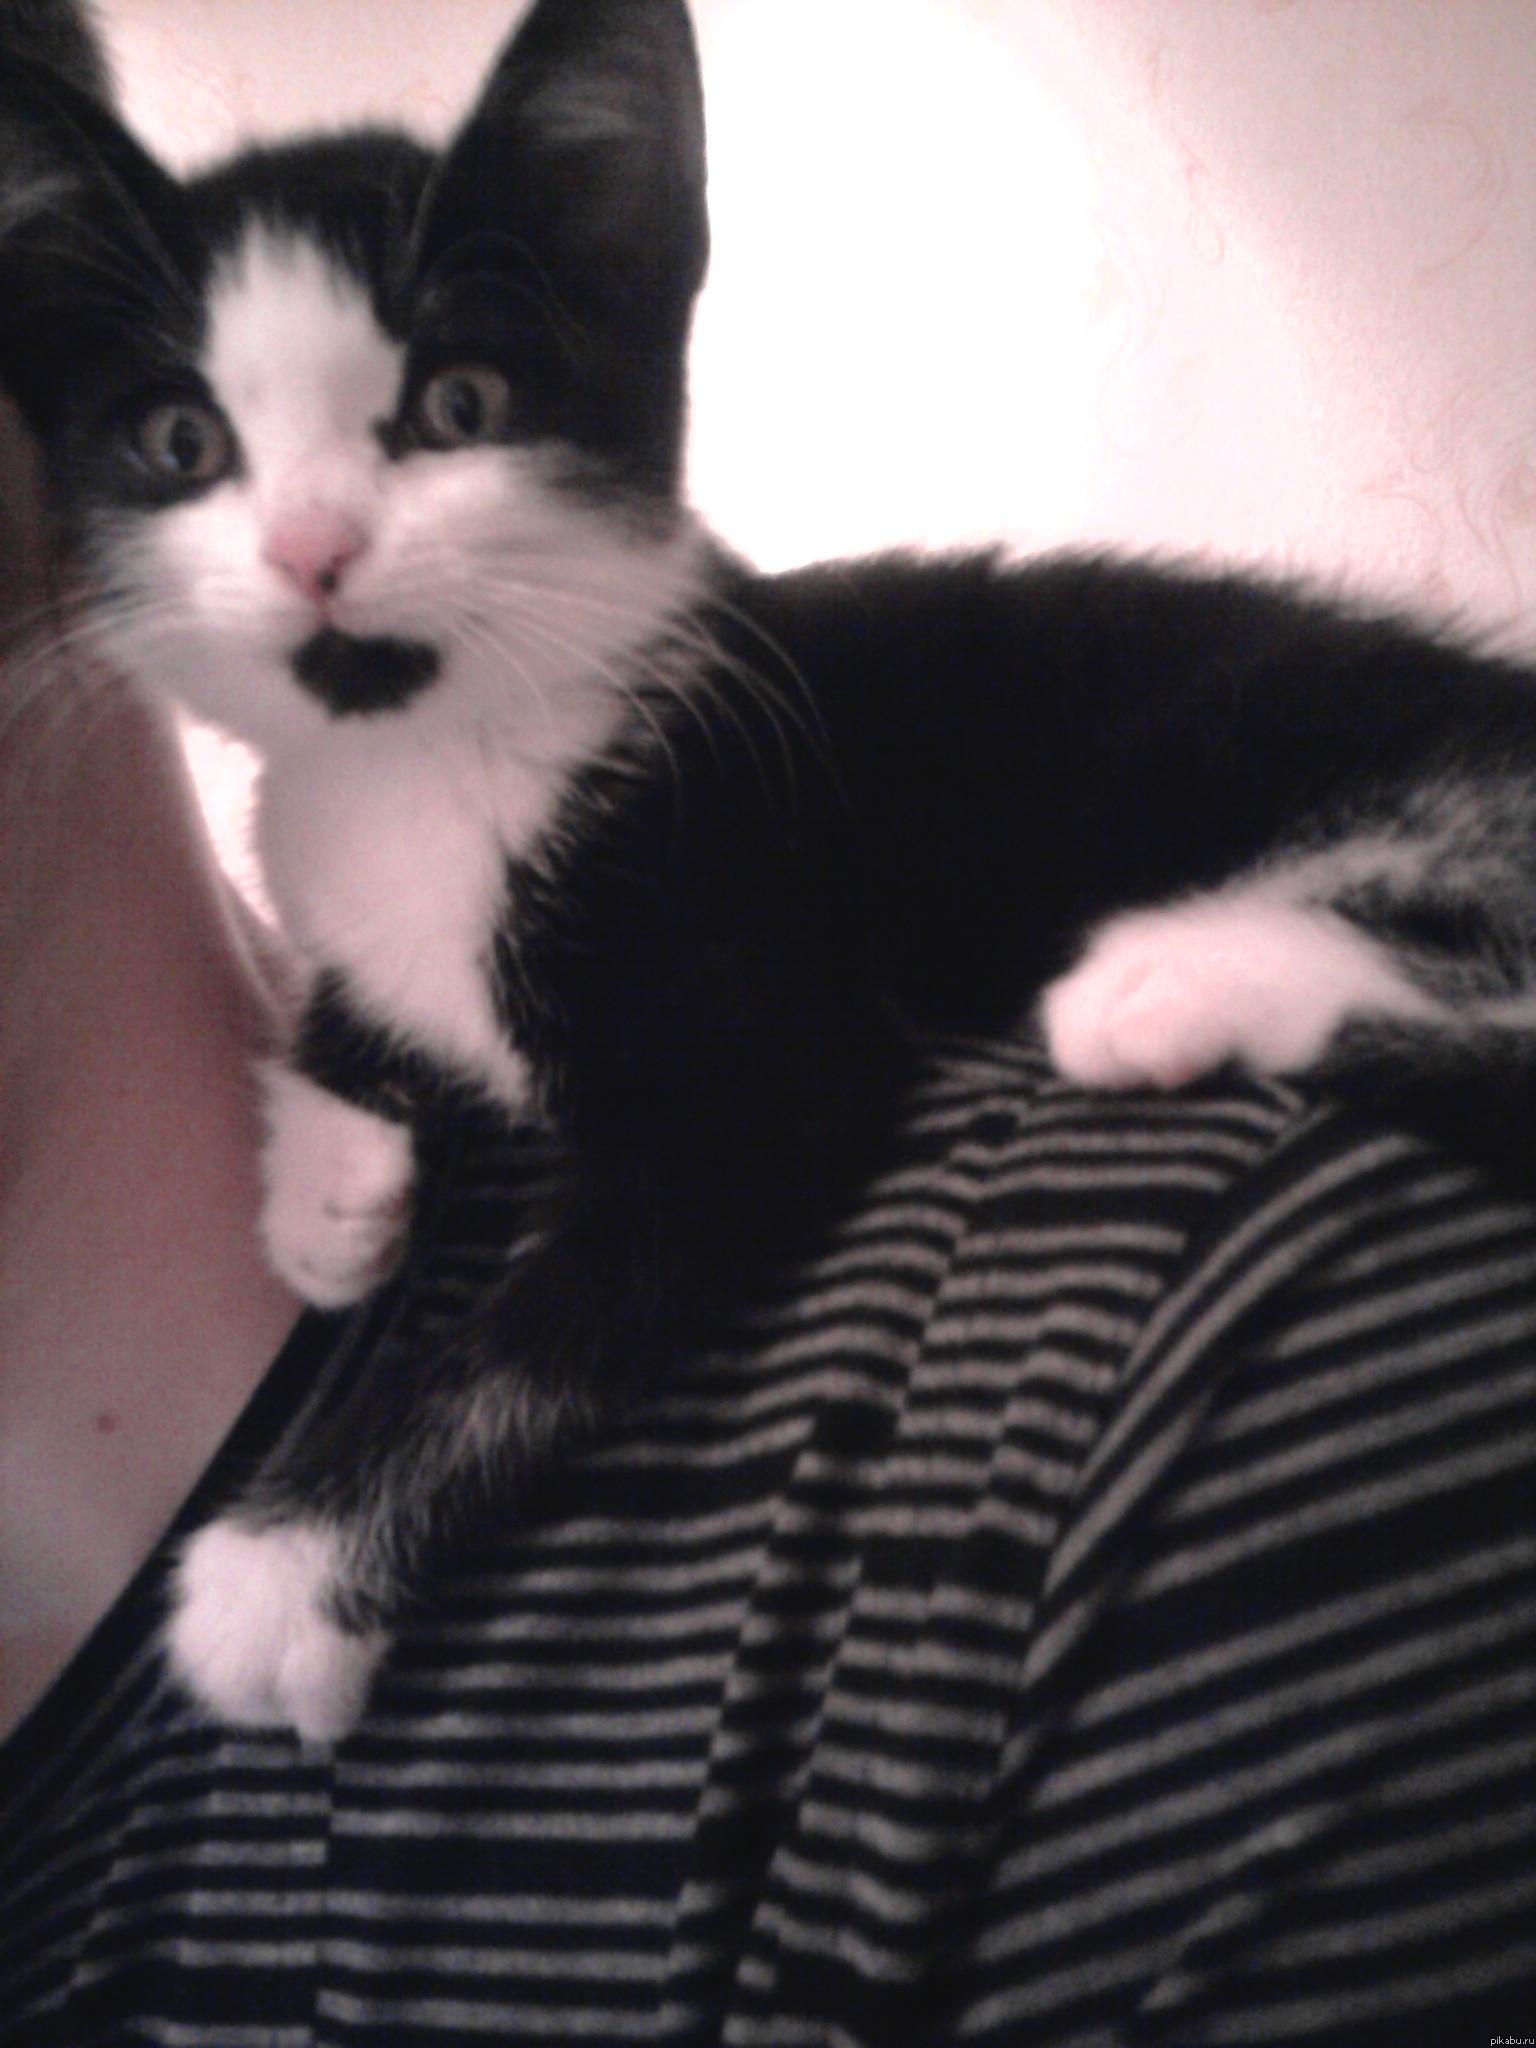 Обещали - сделали Одногруппница обещала завести у меня кота. Итак, знакомьтесь, это Фортран (сокращённо Форт)